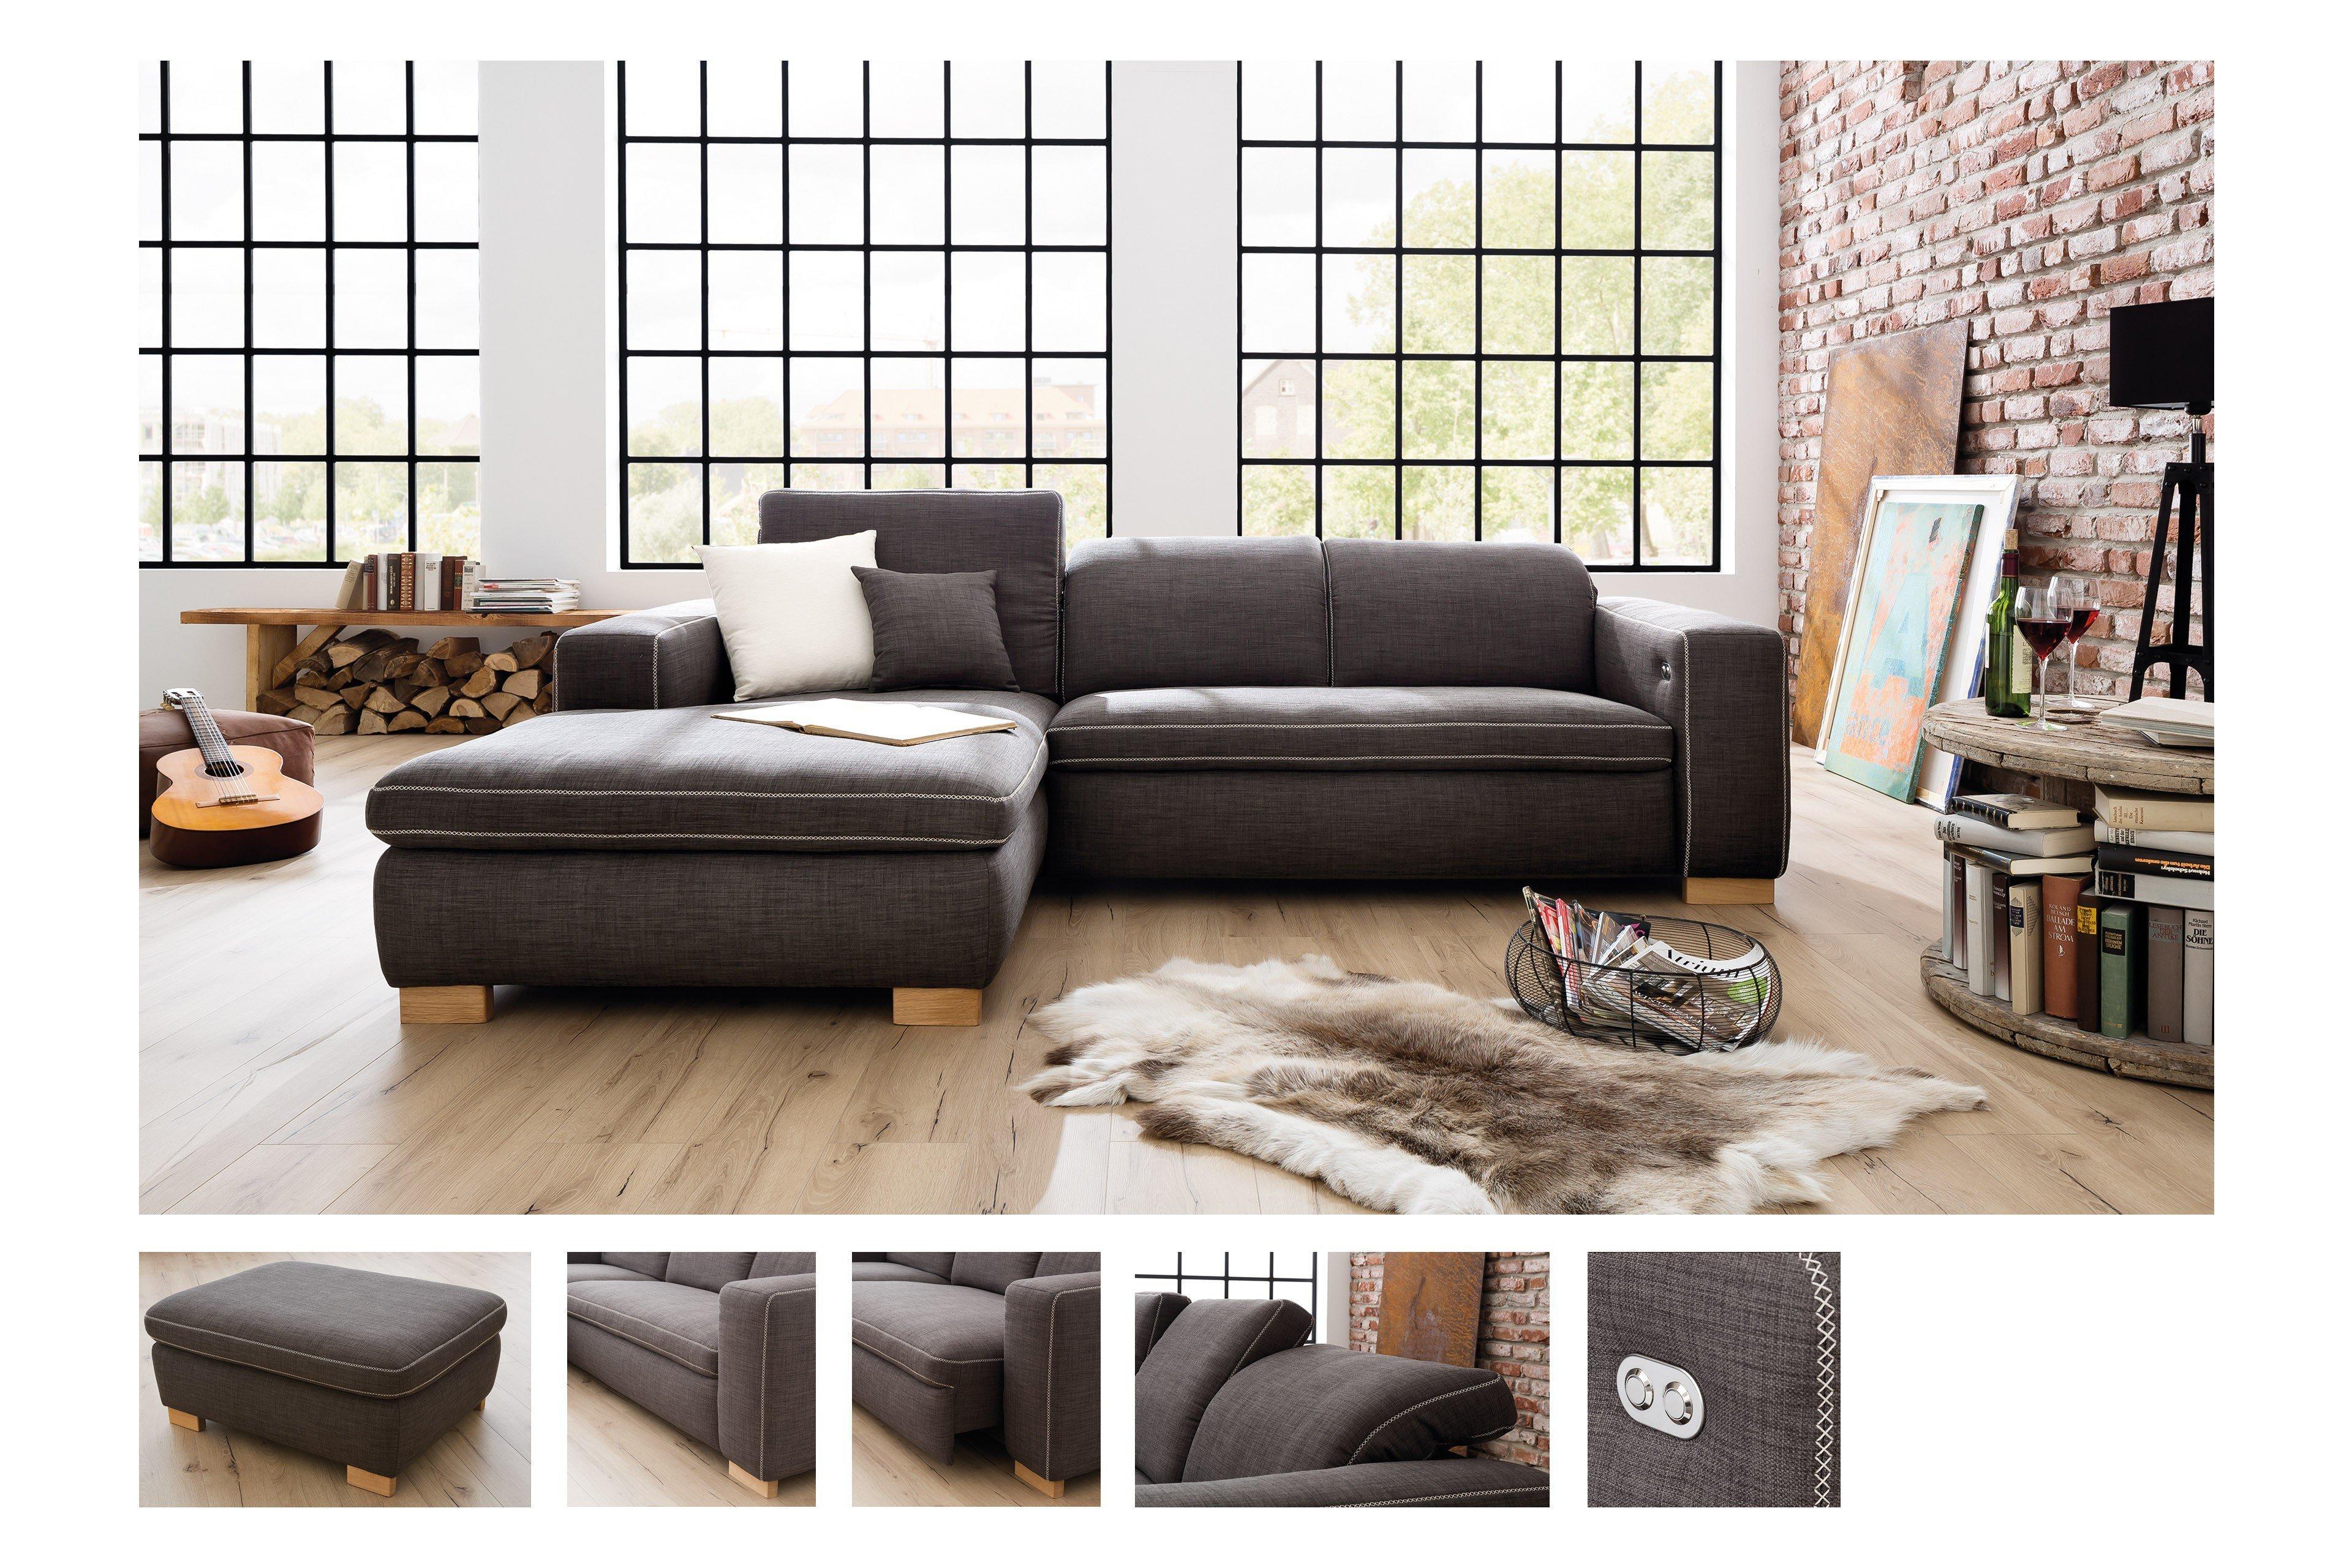 ber hmt candy polsterm bel fotos die kinderzimmer design ideen. Black Bedroom Furniture Sets. Home Design Ideas